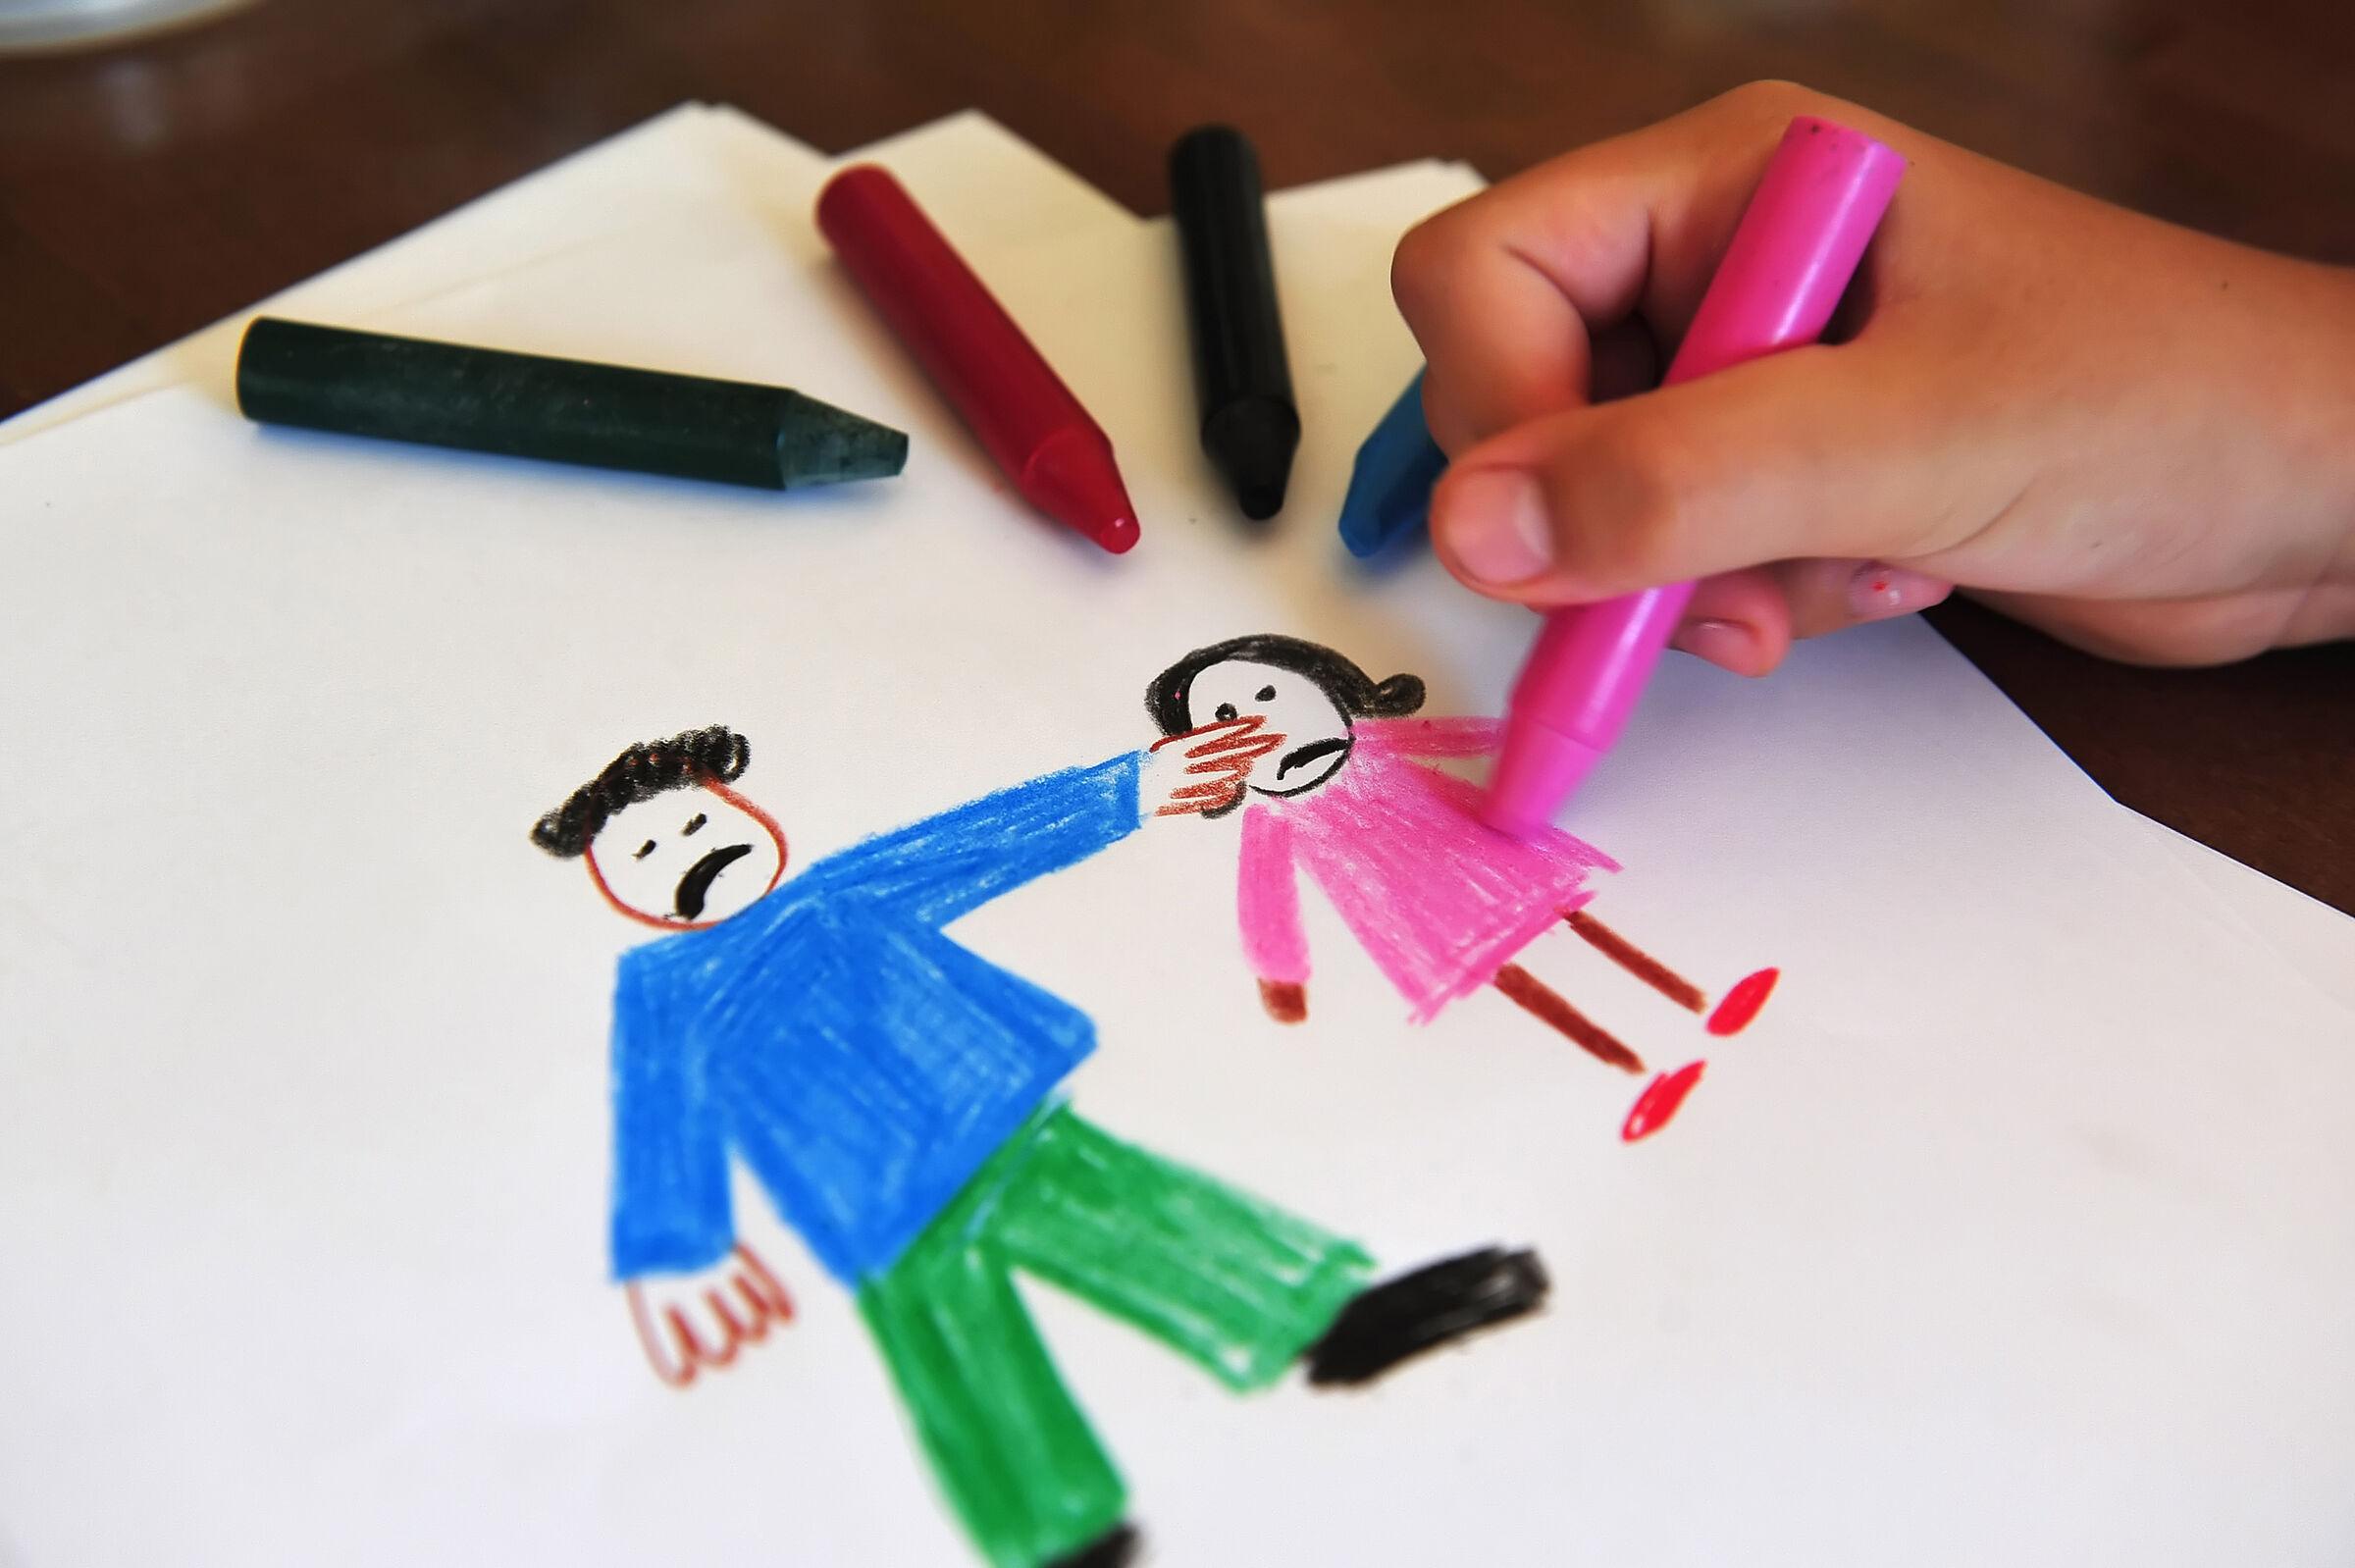 Criança-desenhando-um-pai-brigando-com-a-filha